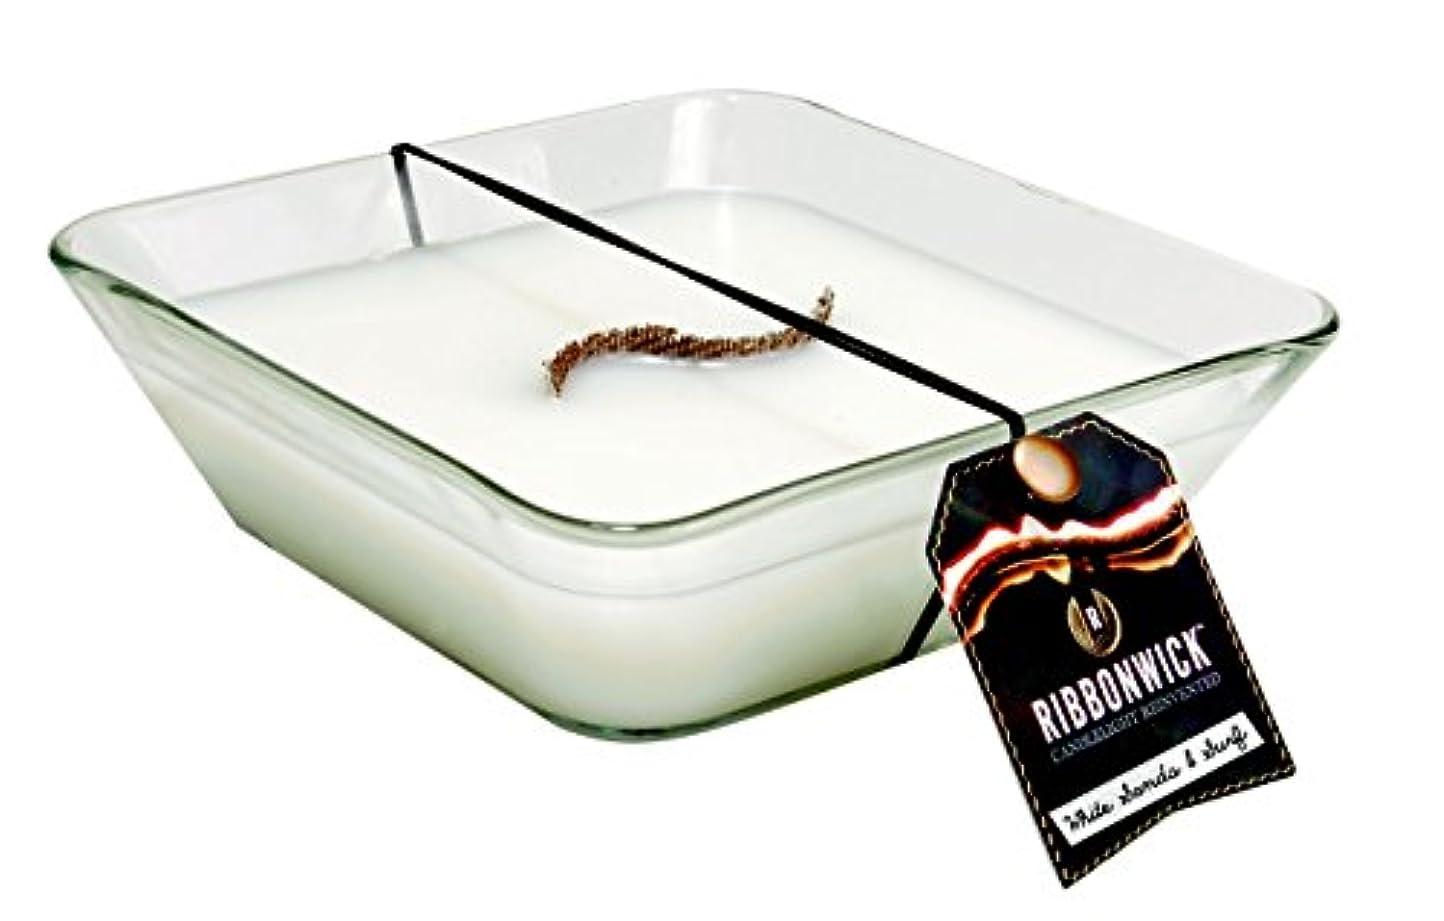 救い援助する申し立てるRibbonWick WHITE SAND & SURF, Highly Scented Candle, Square Decor Glass, Large 20cm, 840ml